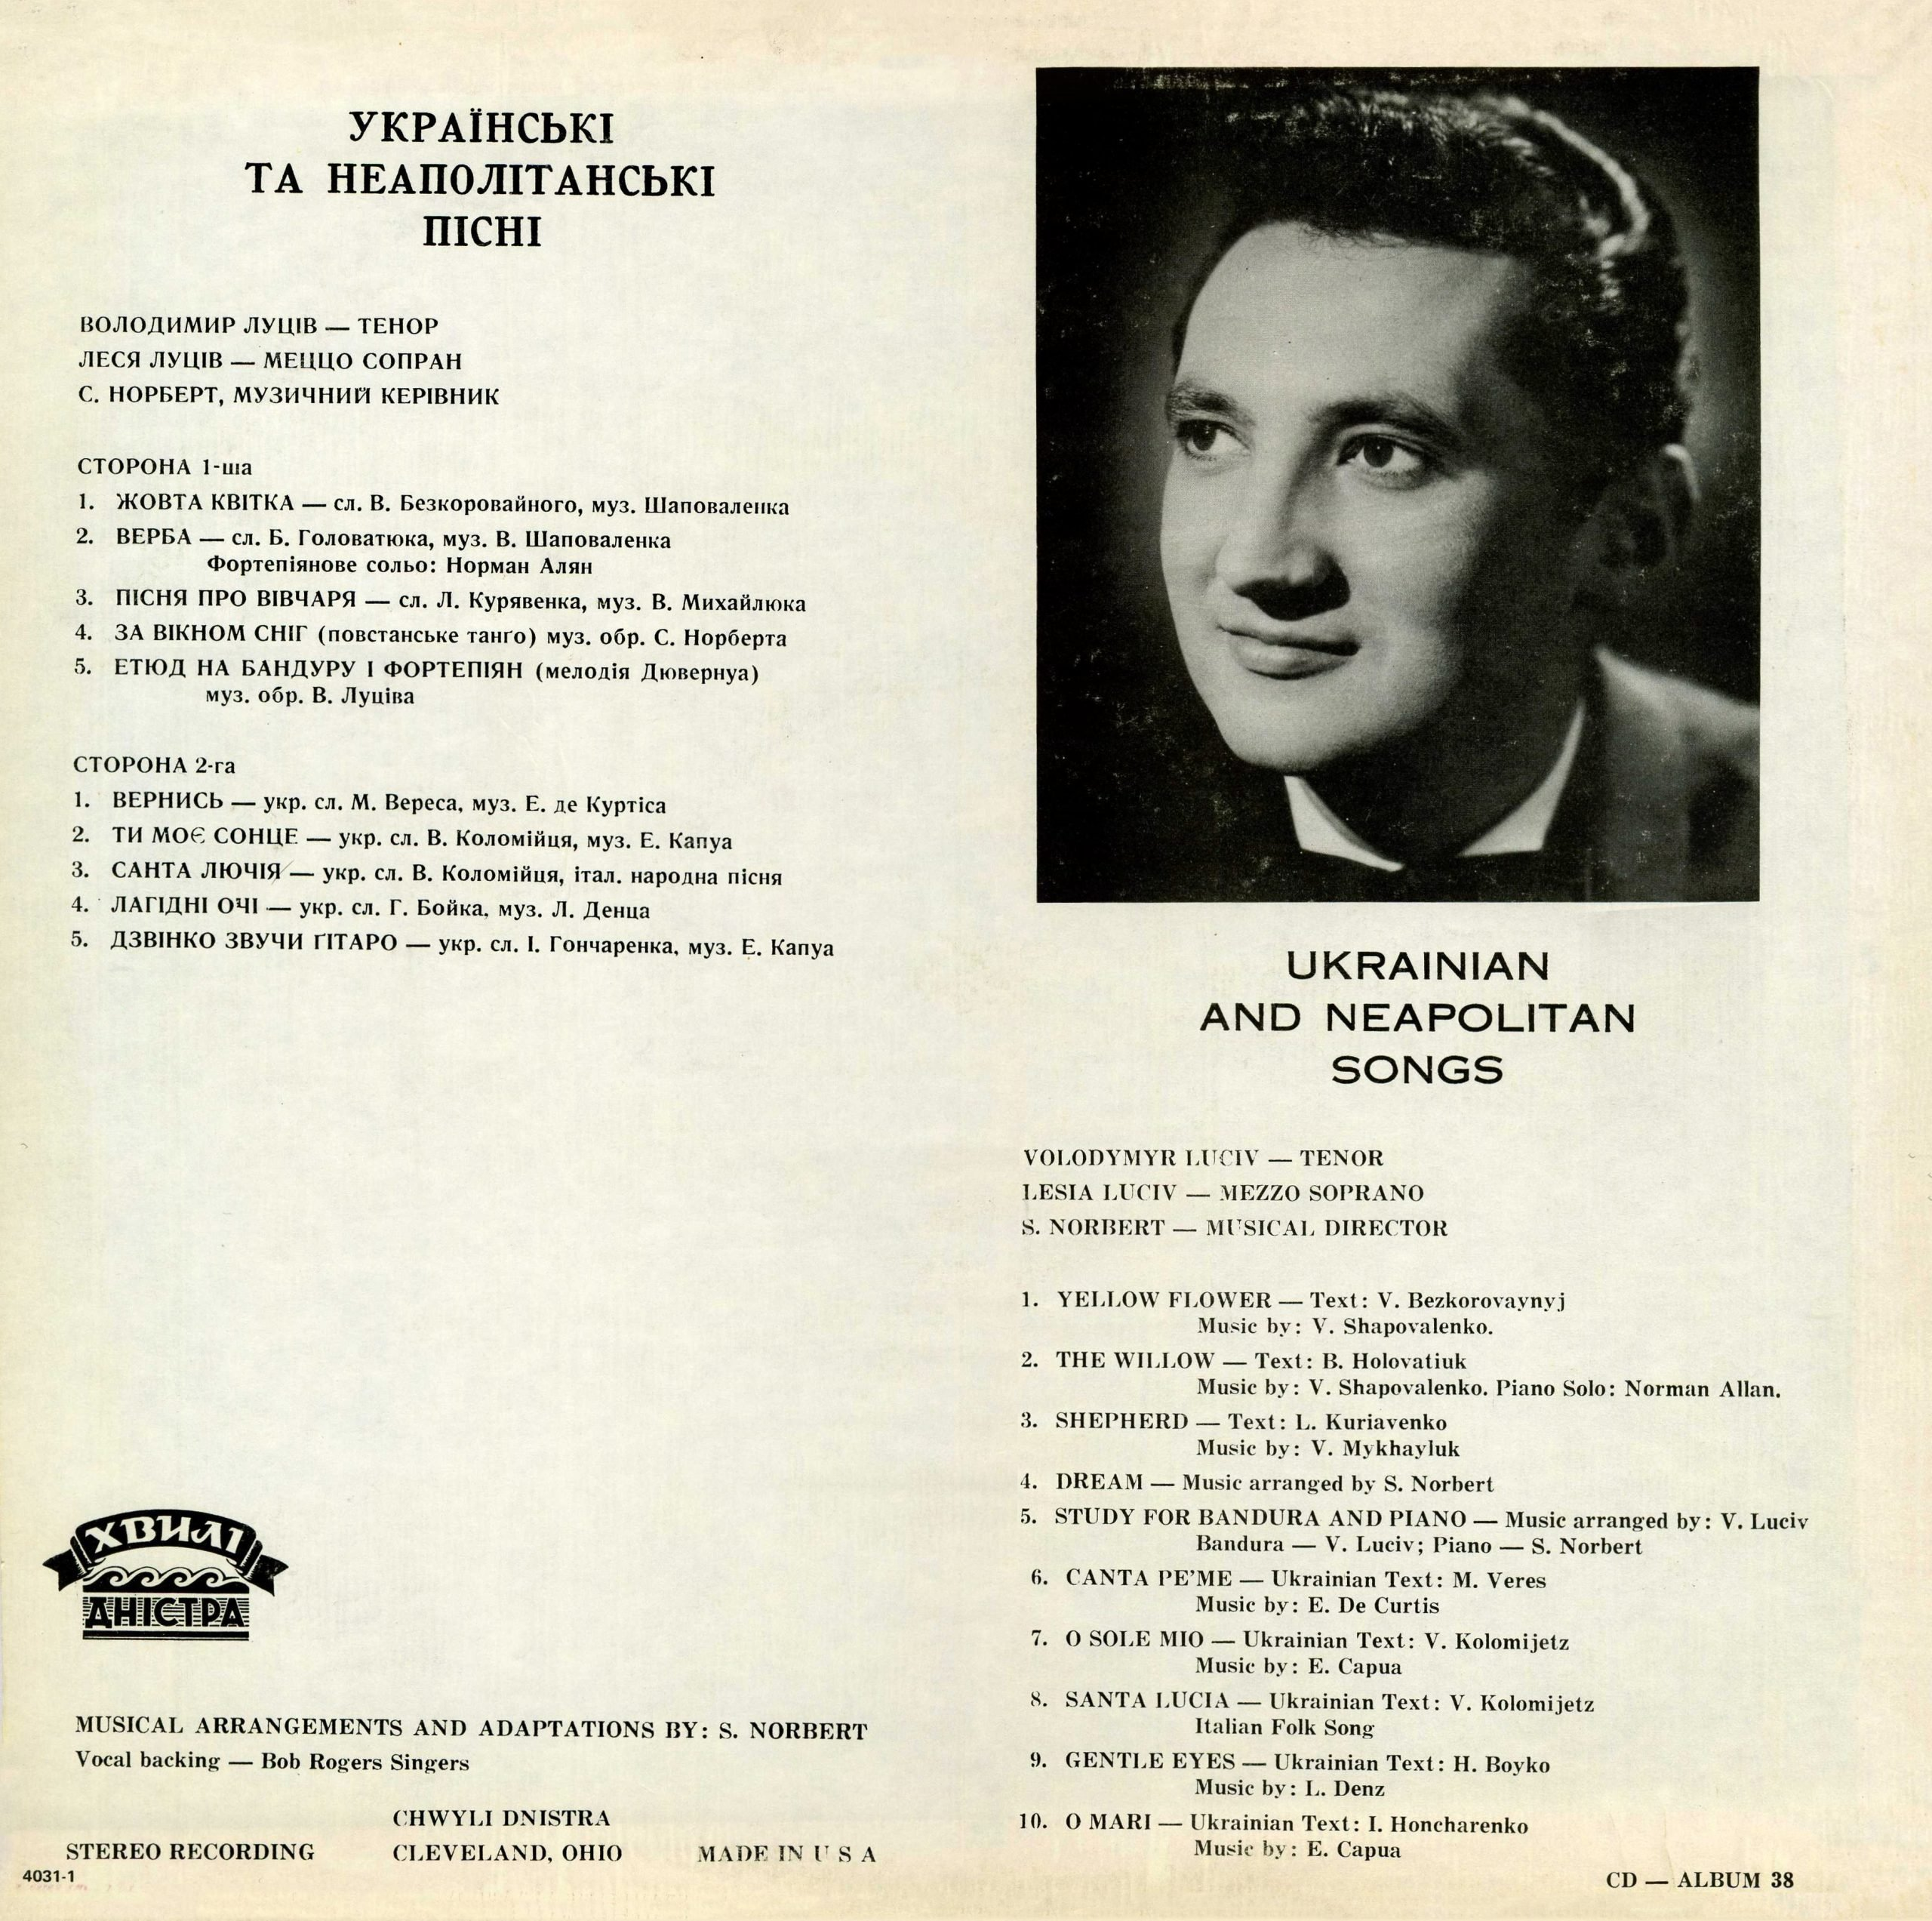 Українські та неаполітанські пісні